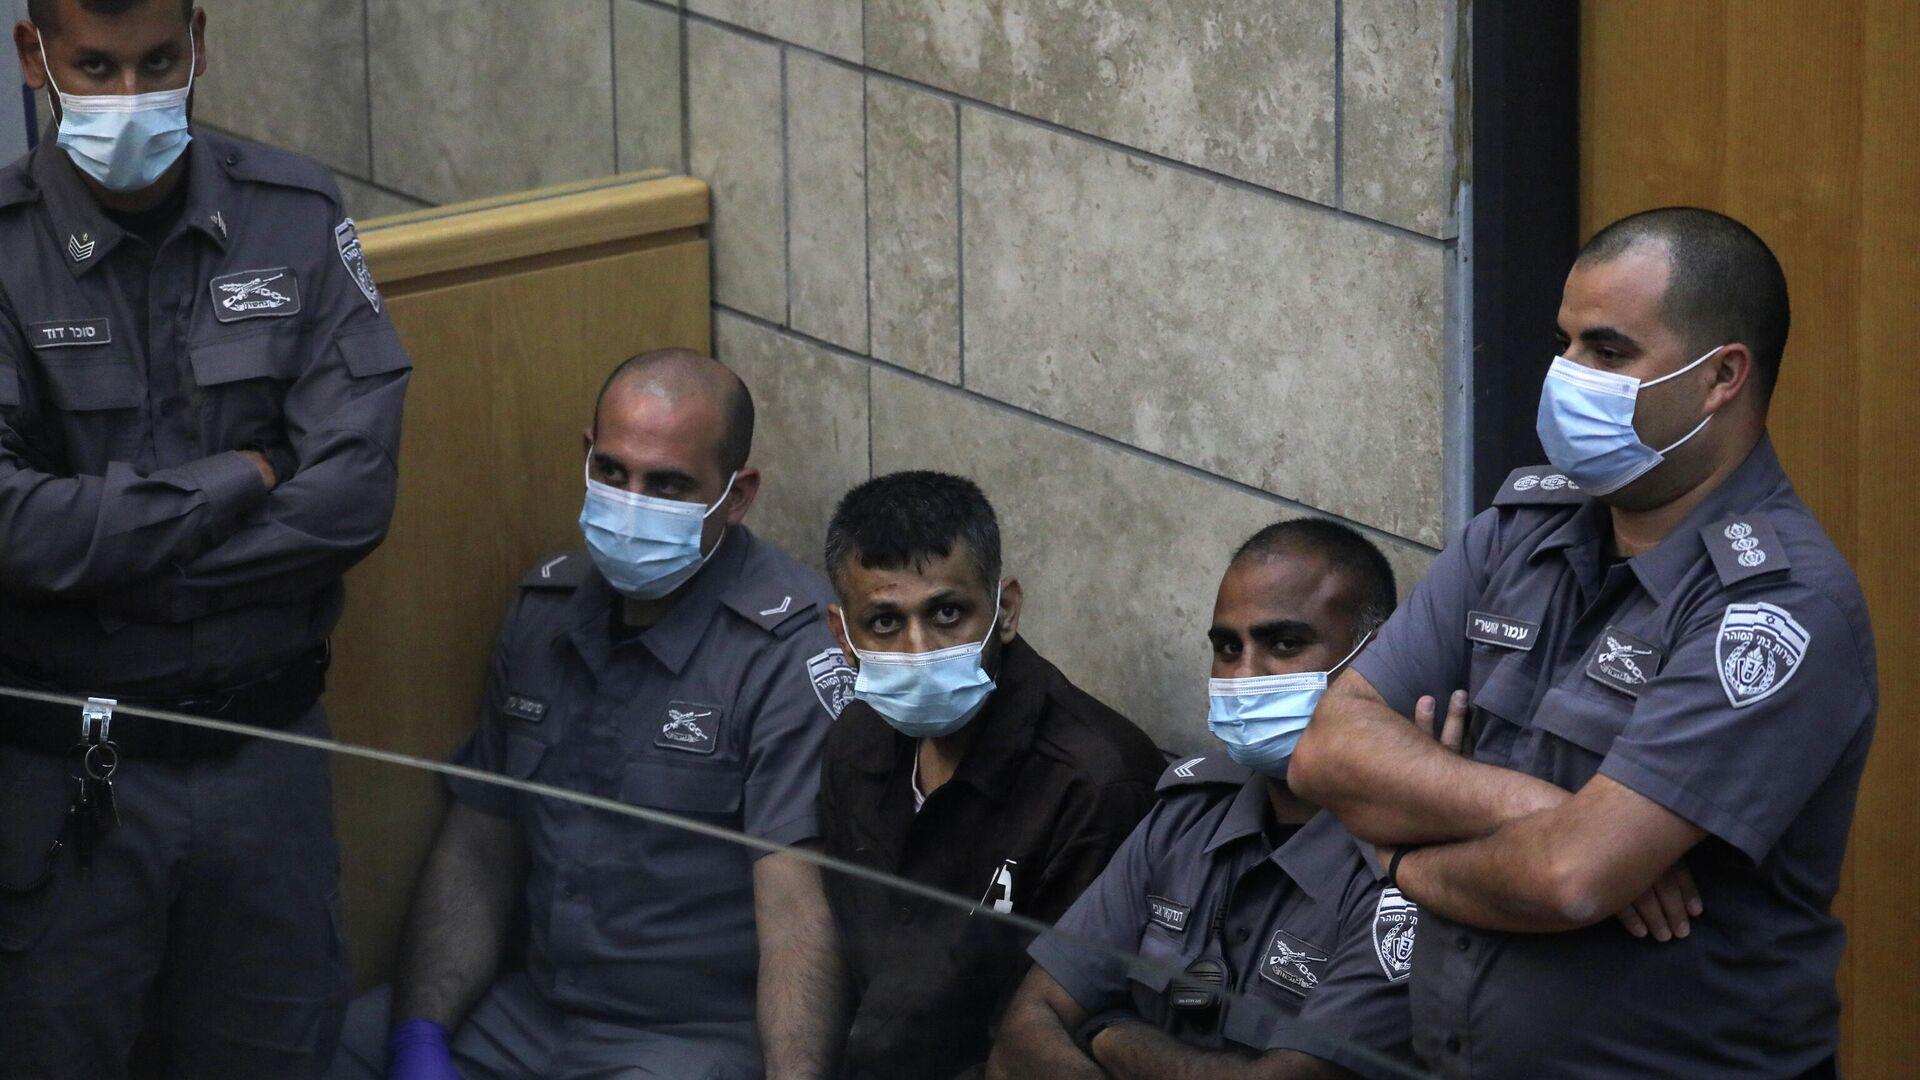 El militante palestino Mohammad Arda en el tribunal antes de su prisión preventiva y después de ser recapturado, tras su fuga de la prisión de Gilboa junto con otros cinco compañeros, en Nazaret. - Sputnik Mundo, 1920, 12.09.2021